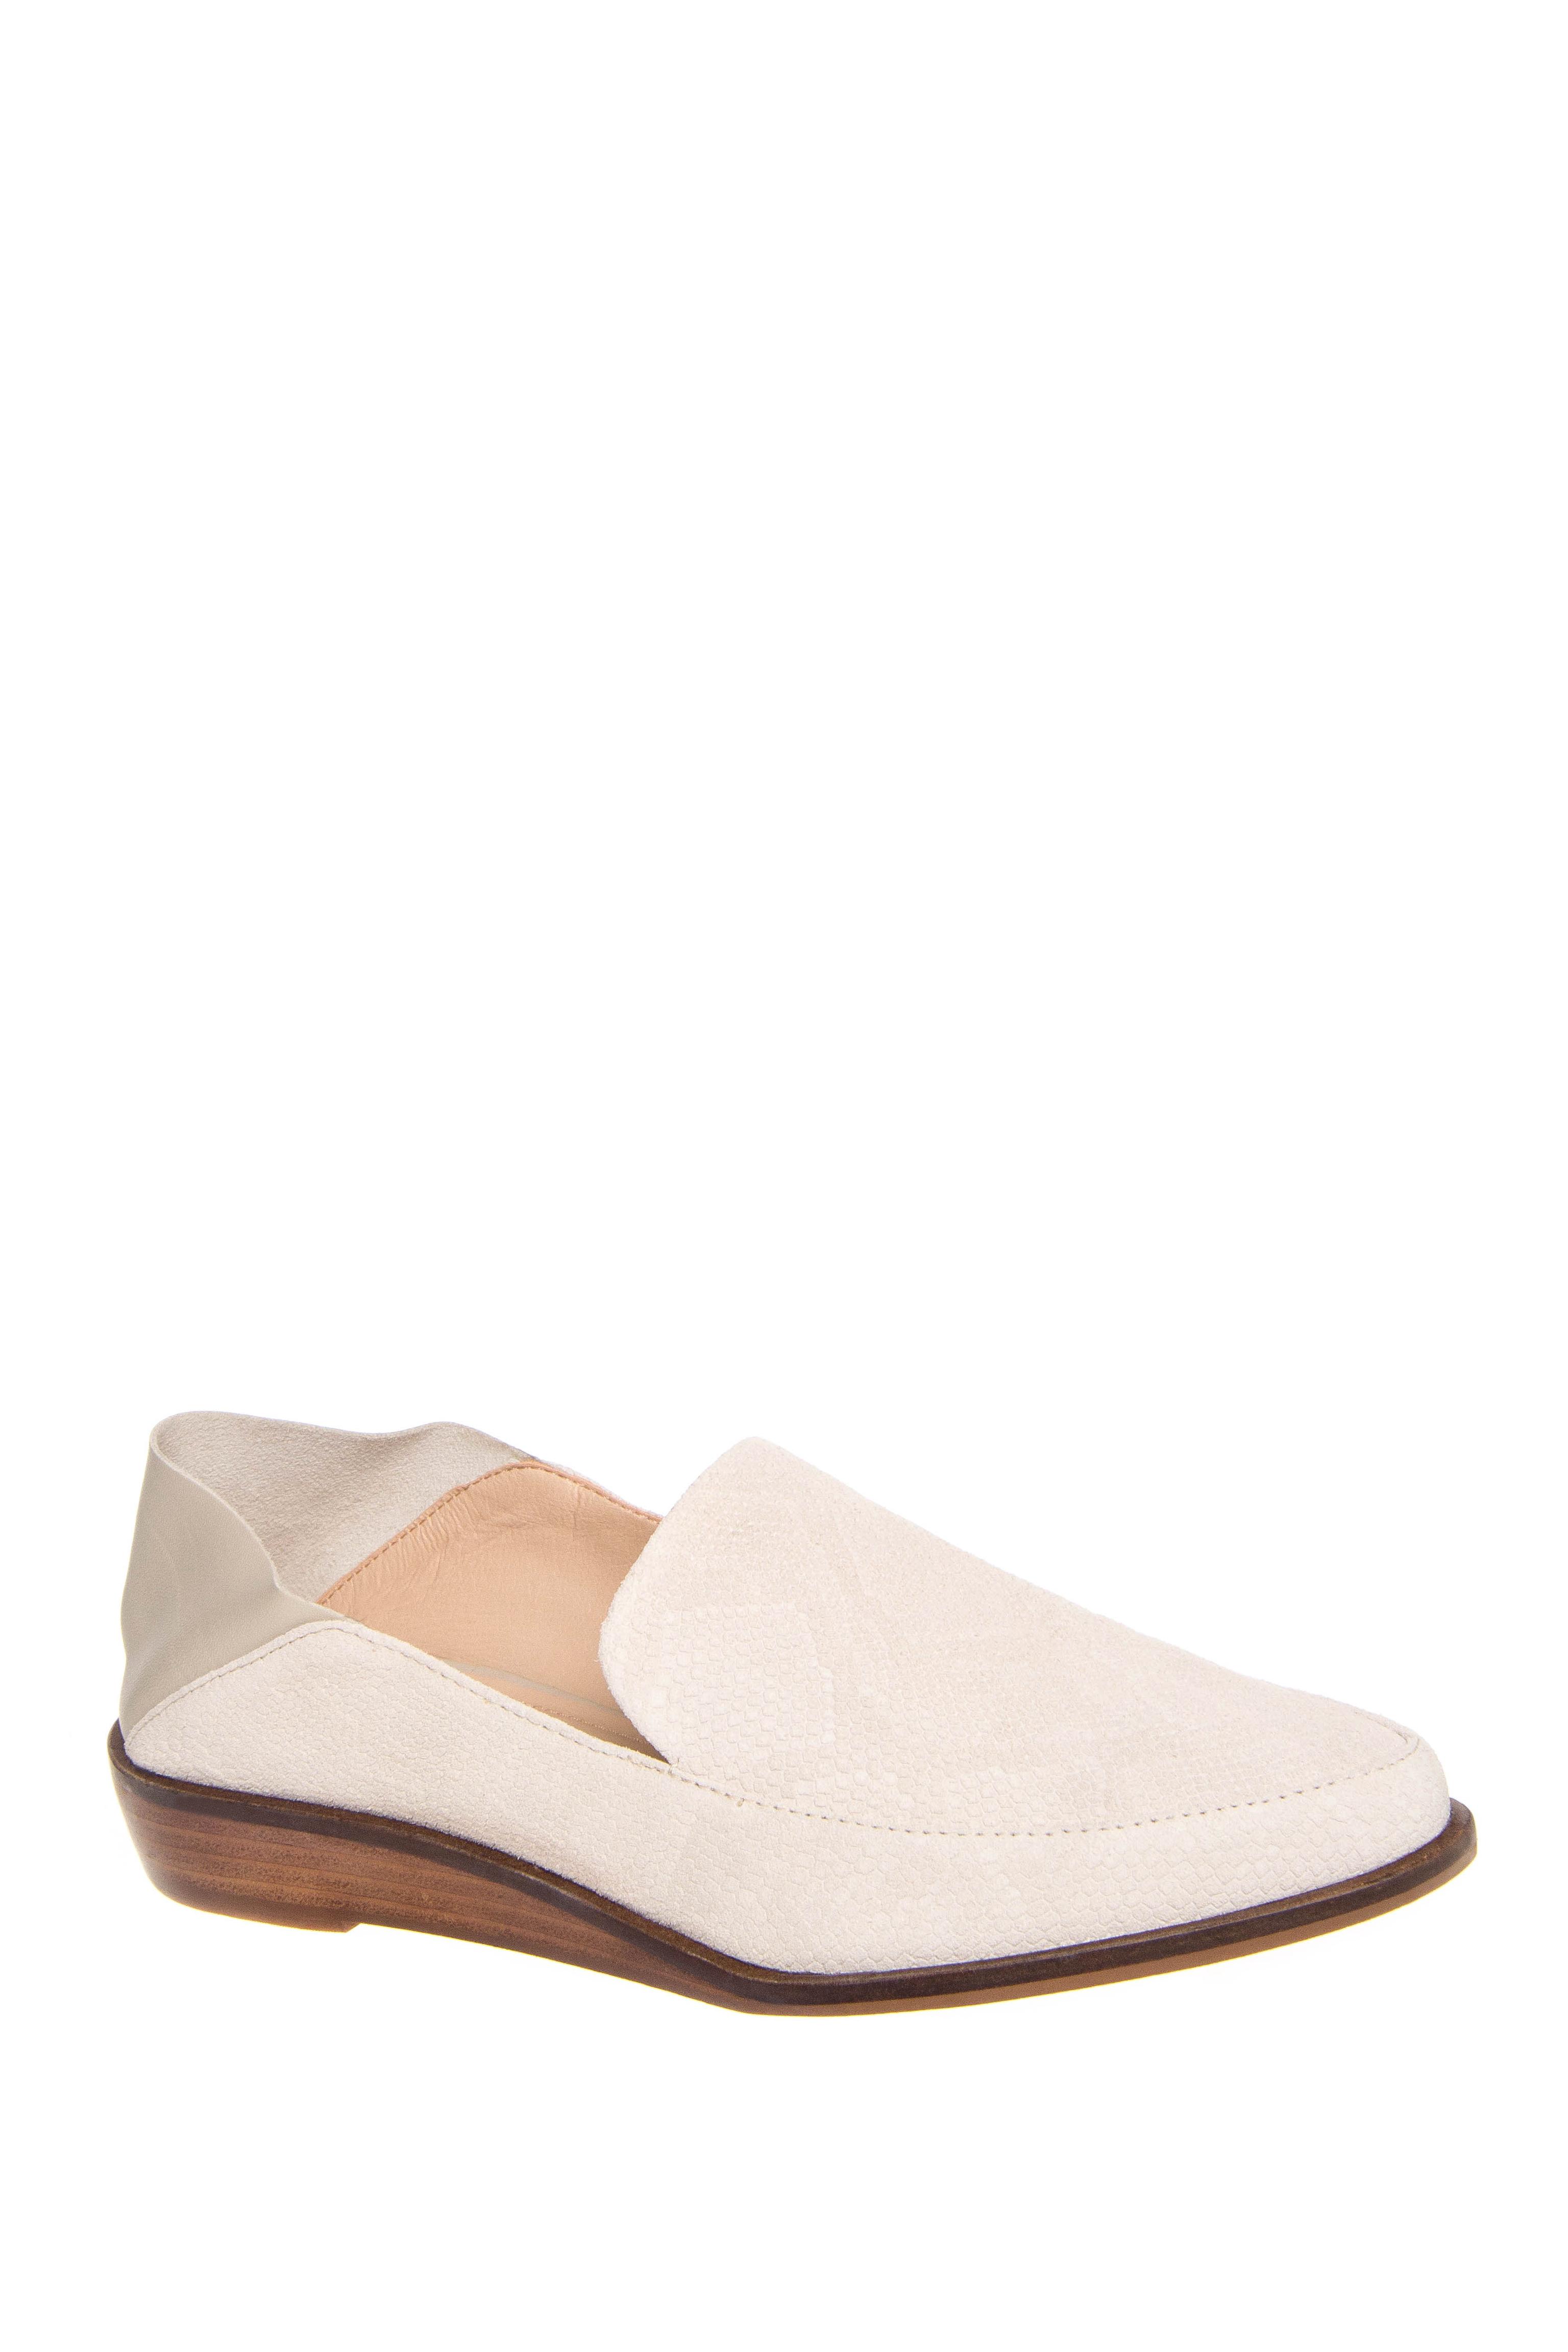 Kelsi Dagger AADA Low Heel Loafers - Ivory